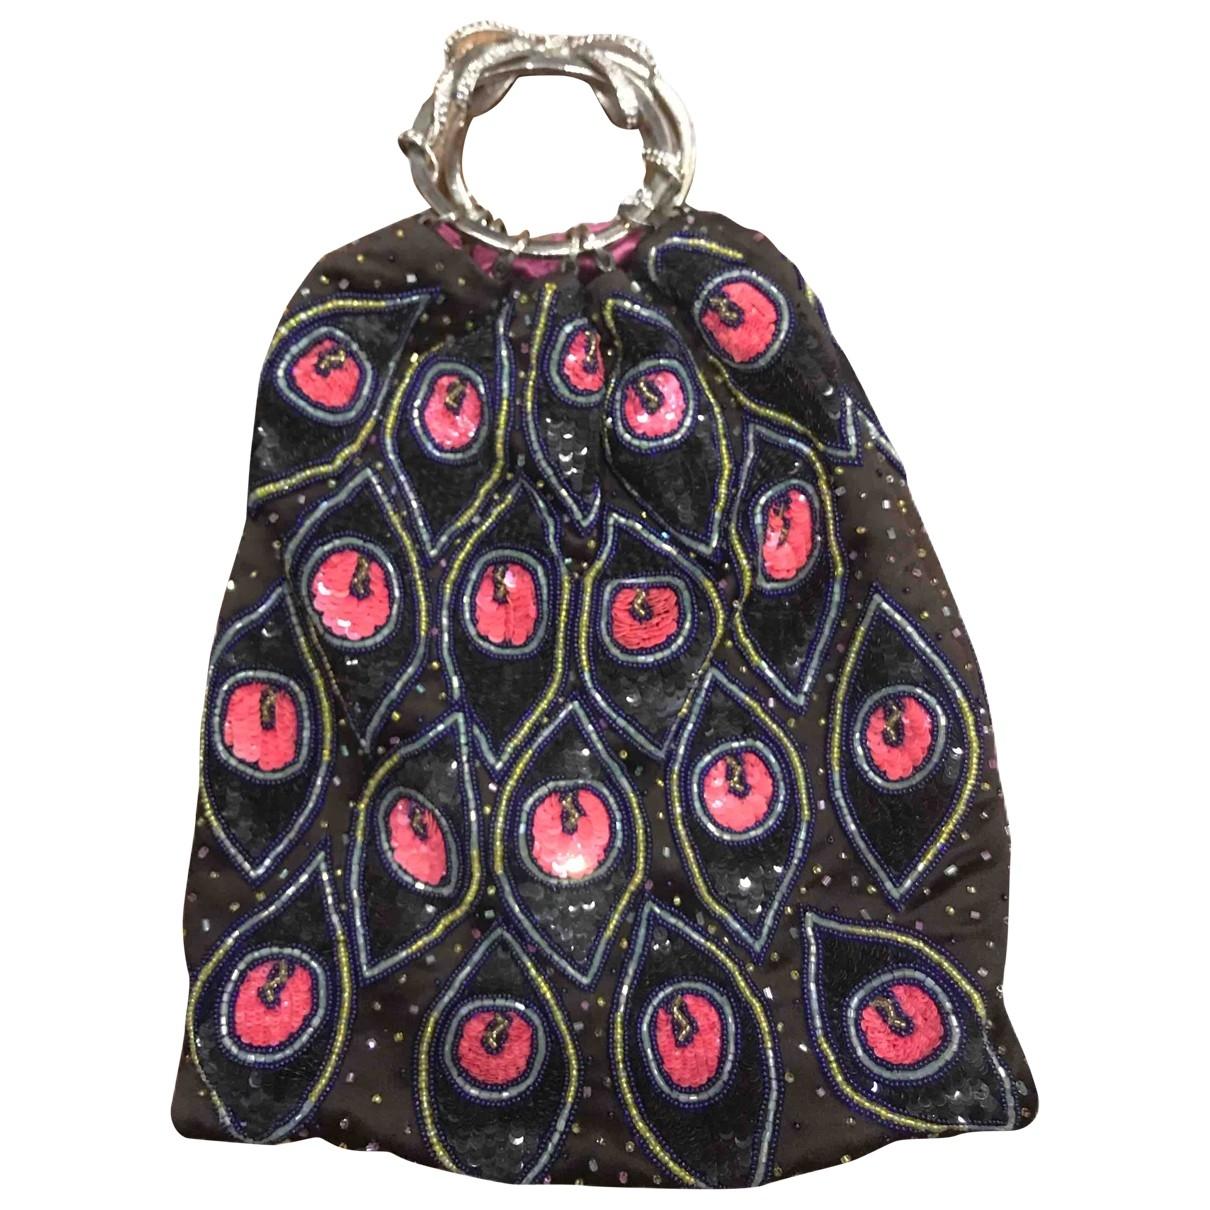 Valentino Garavani - Pochette   pour femme en a paillettes - multicolore